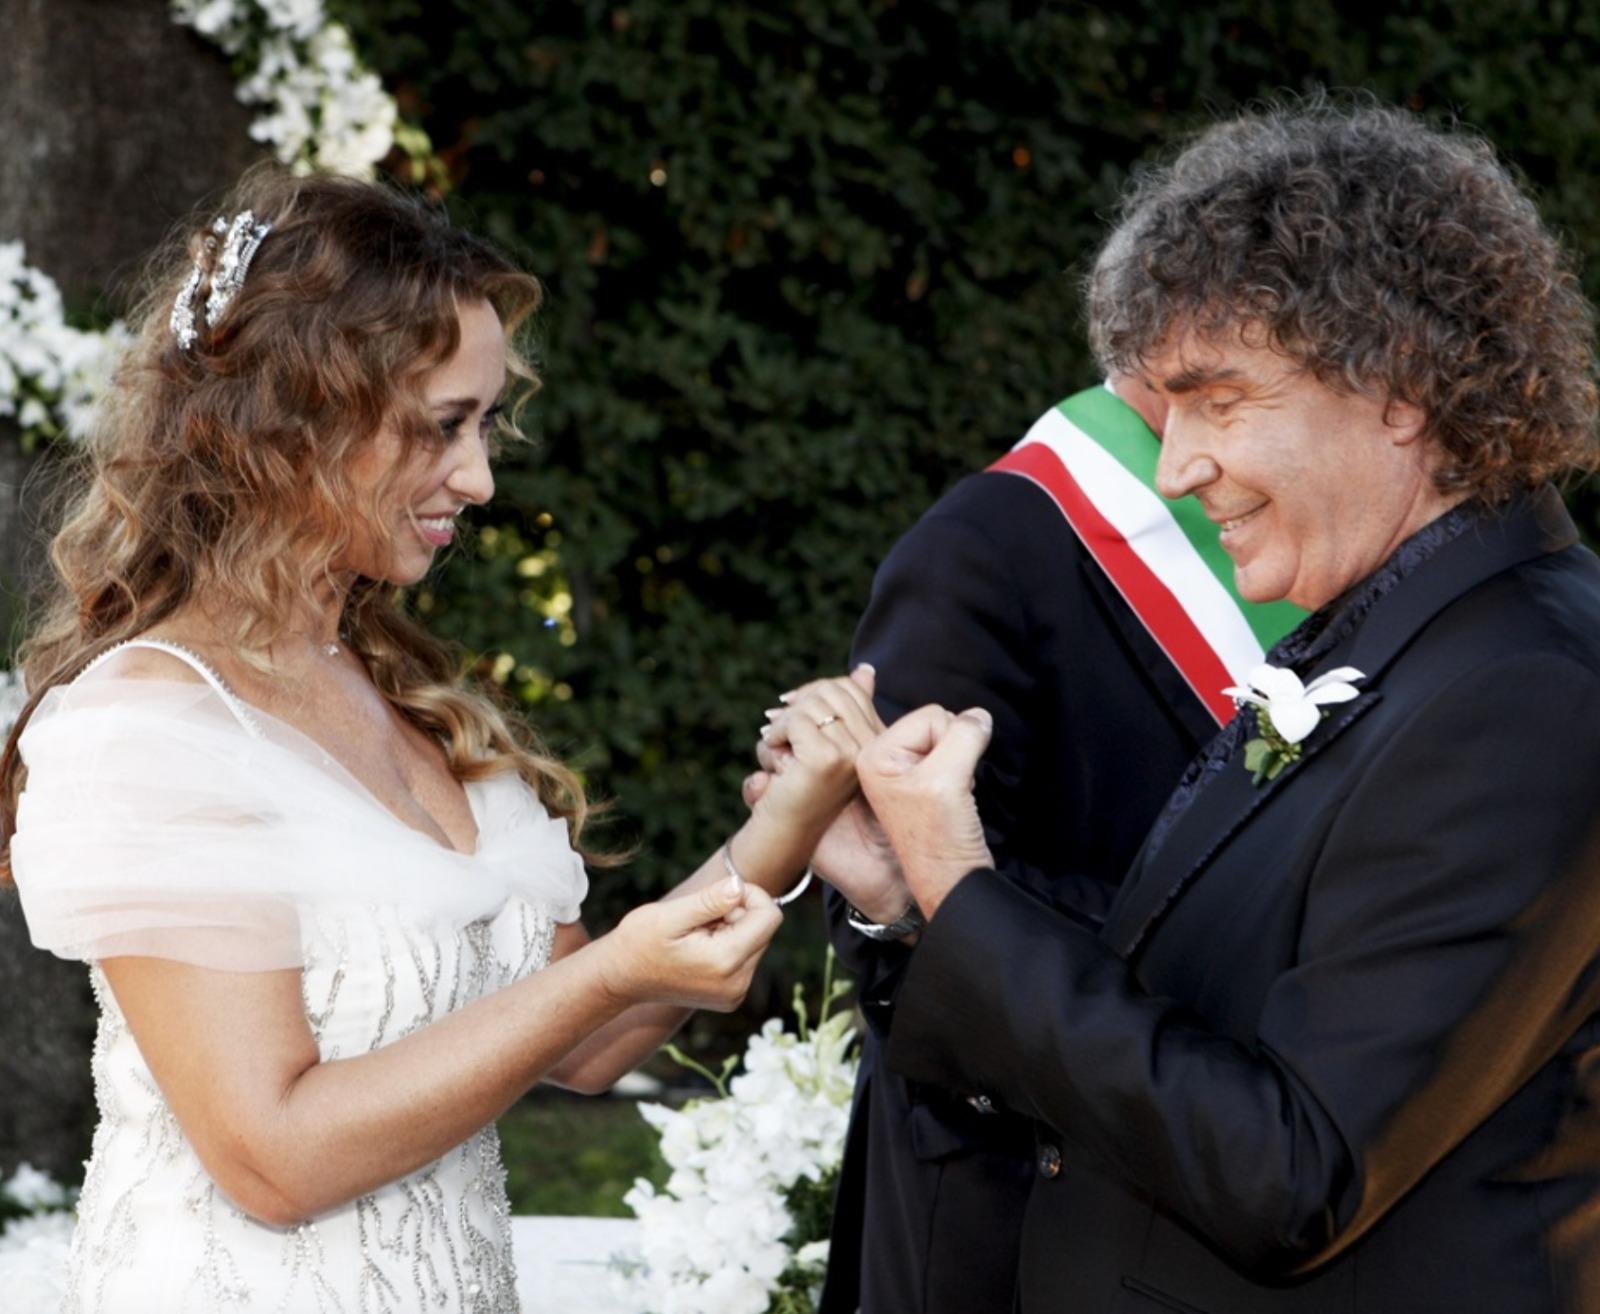 stefano d'orazio giorno morte emanuela folliero